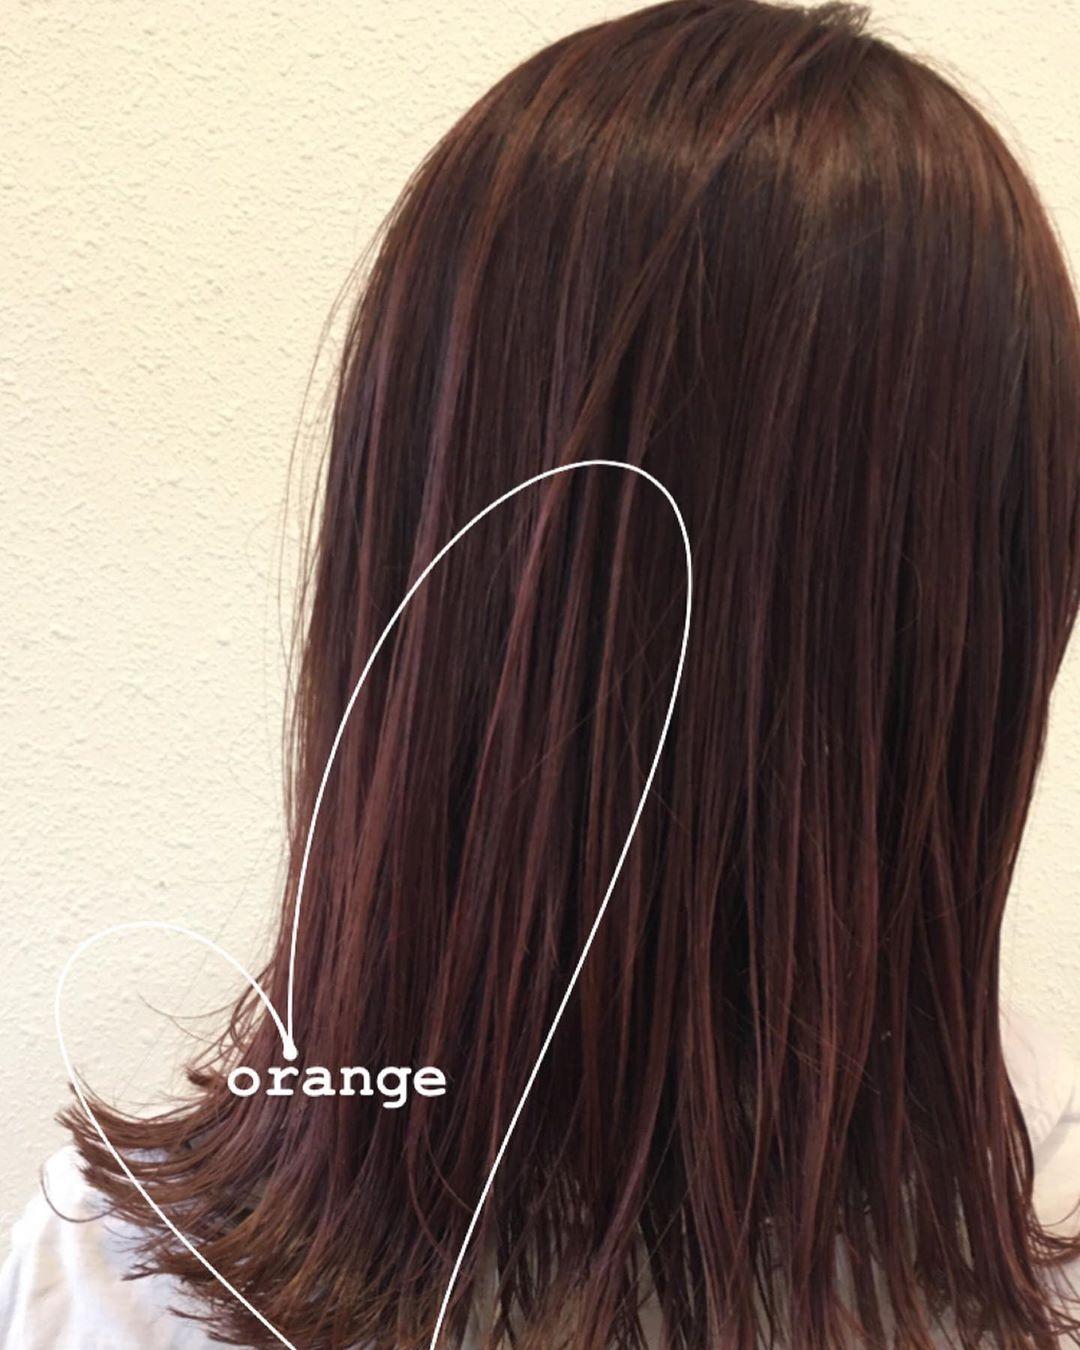 オレンジブラウンカラー 毛先だけブリーチ履歴あり 透明感